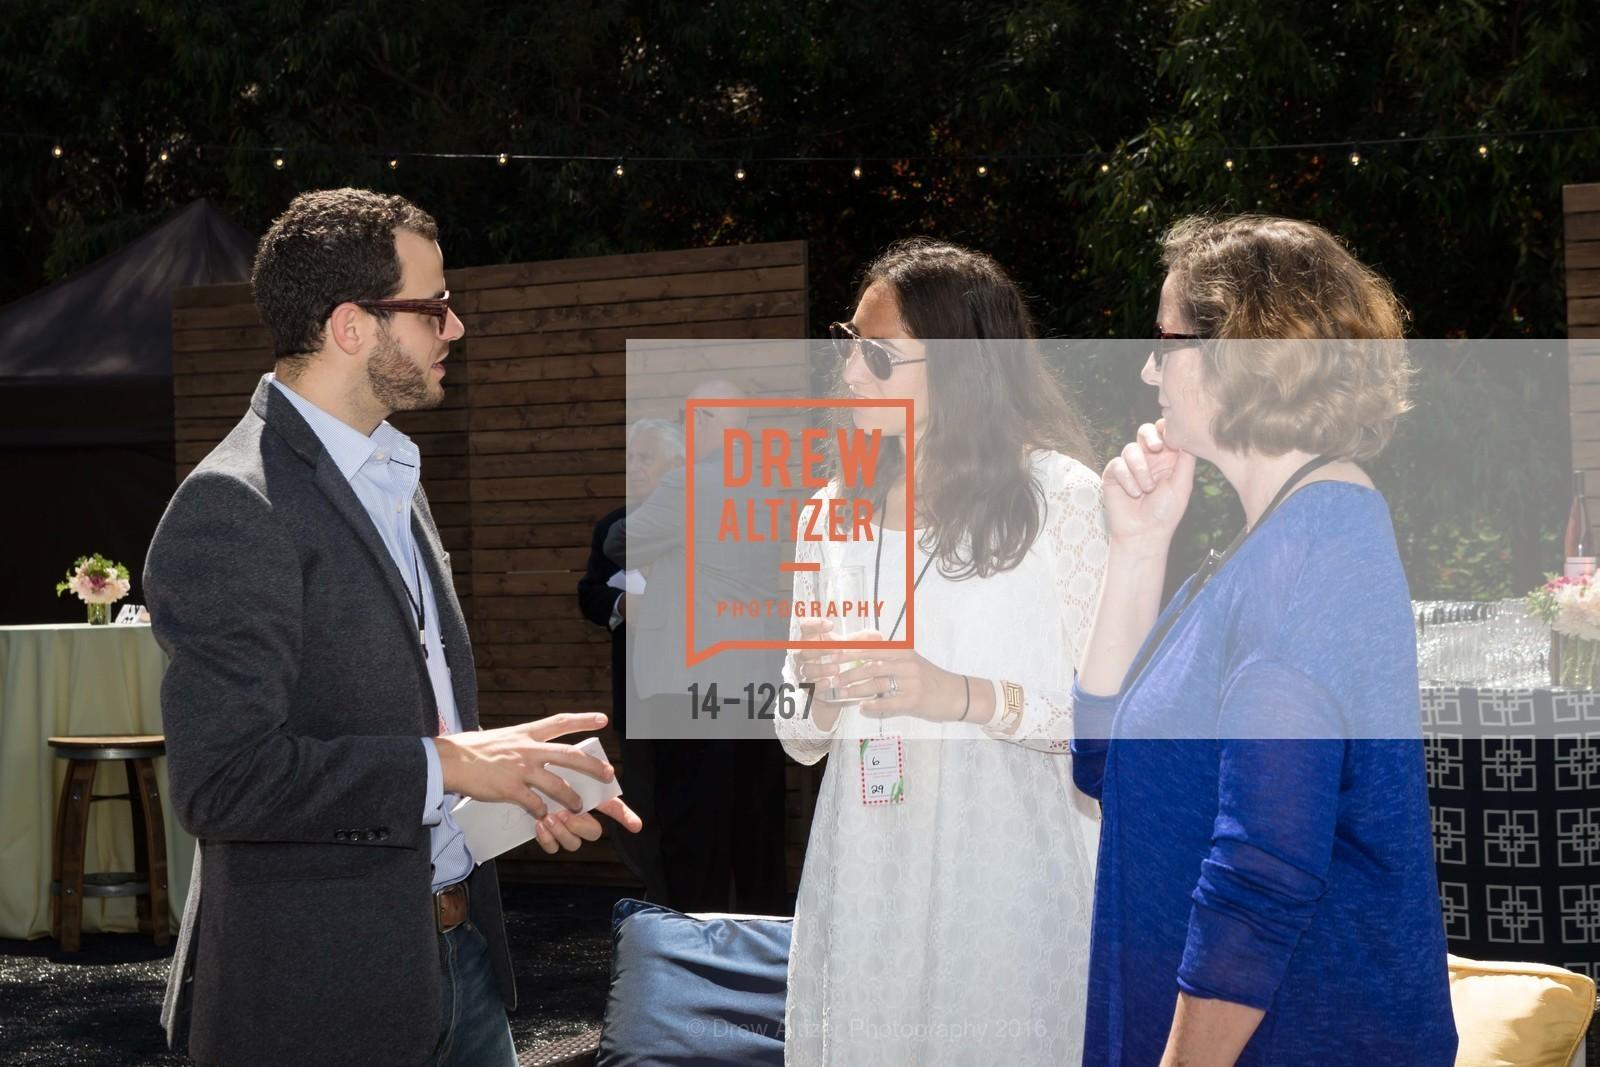 Ben Youngerman, Miranda Jones, Monica Ware, Photo #14-1267